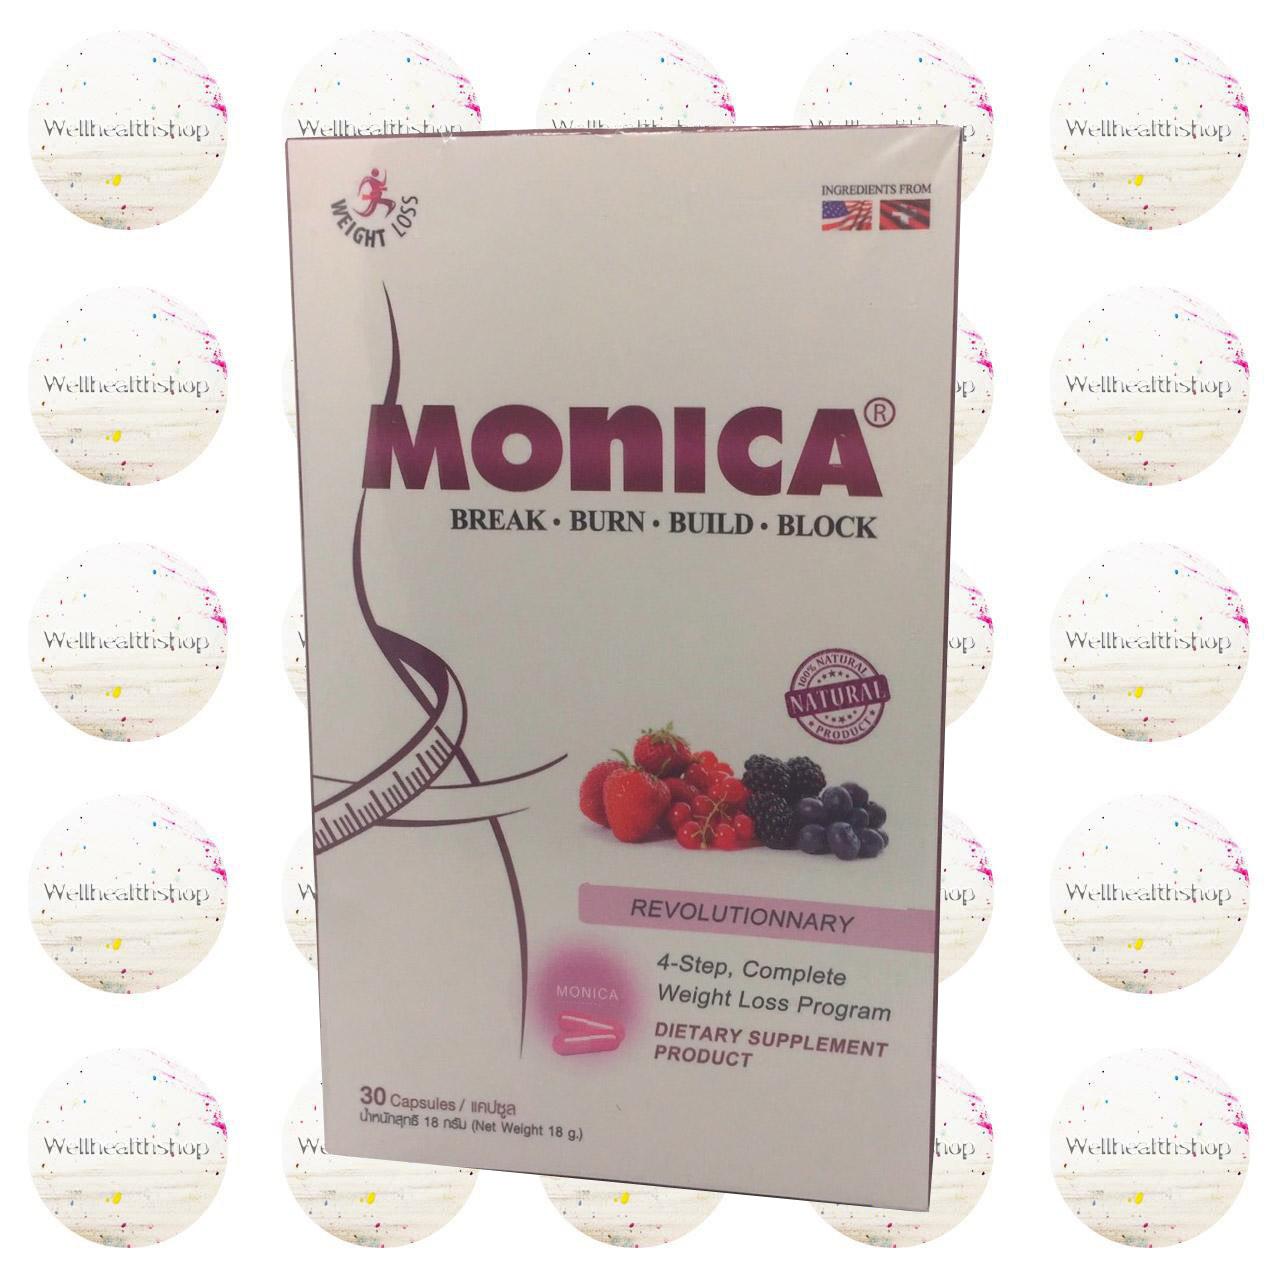 Monica โมนิก้า อาหารเสริมลดน้ำหนัก น็อกไขมัน